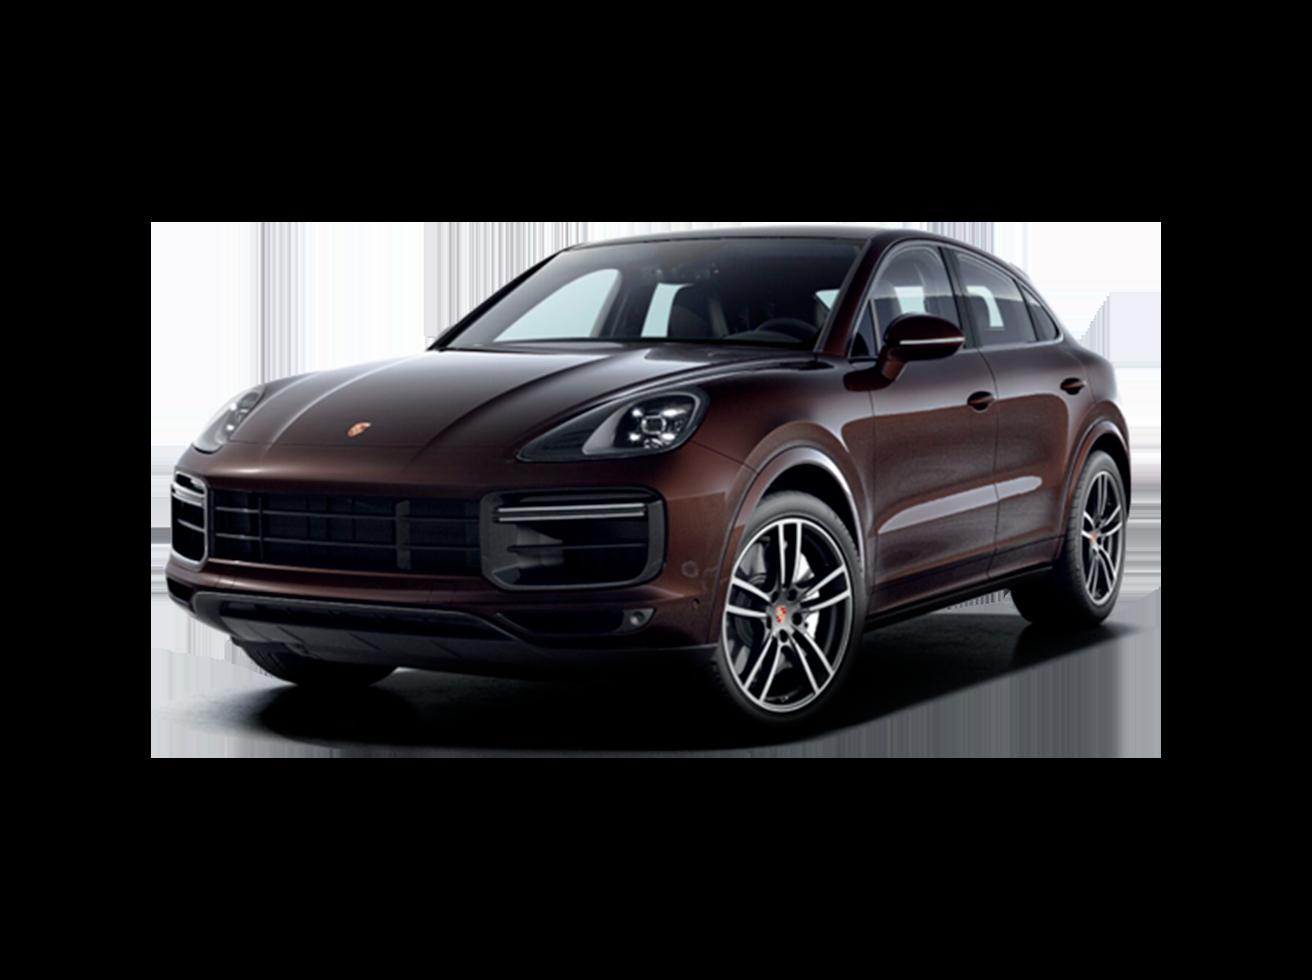 4.0 V8 GASOLINA TURBO COUPÉ AWD TIPTRONIC S